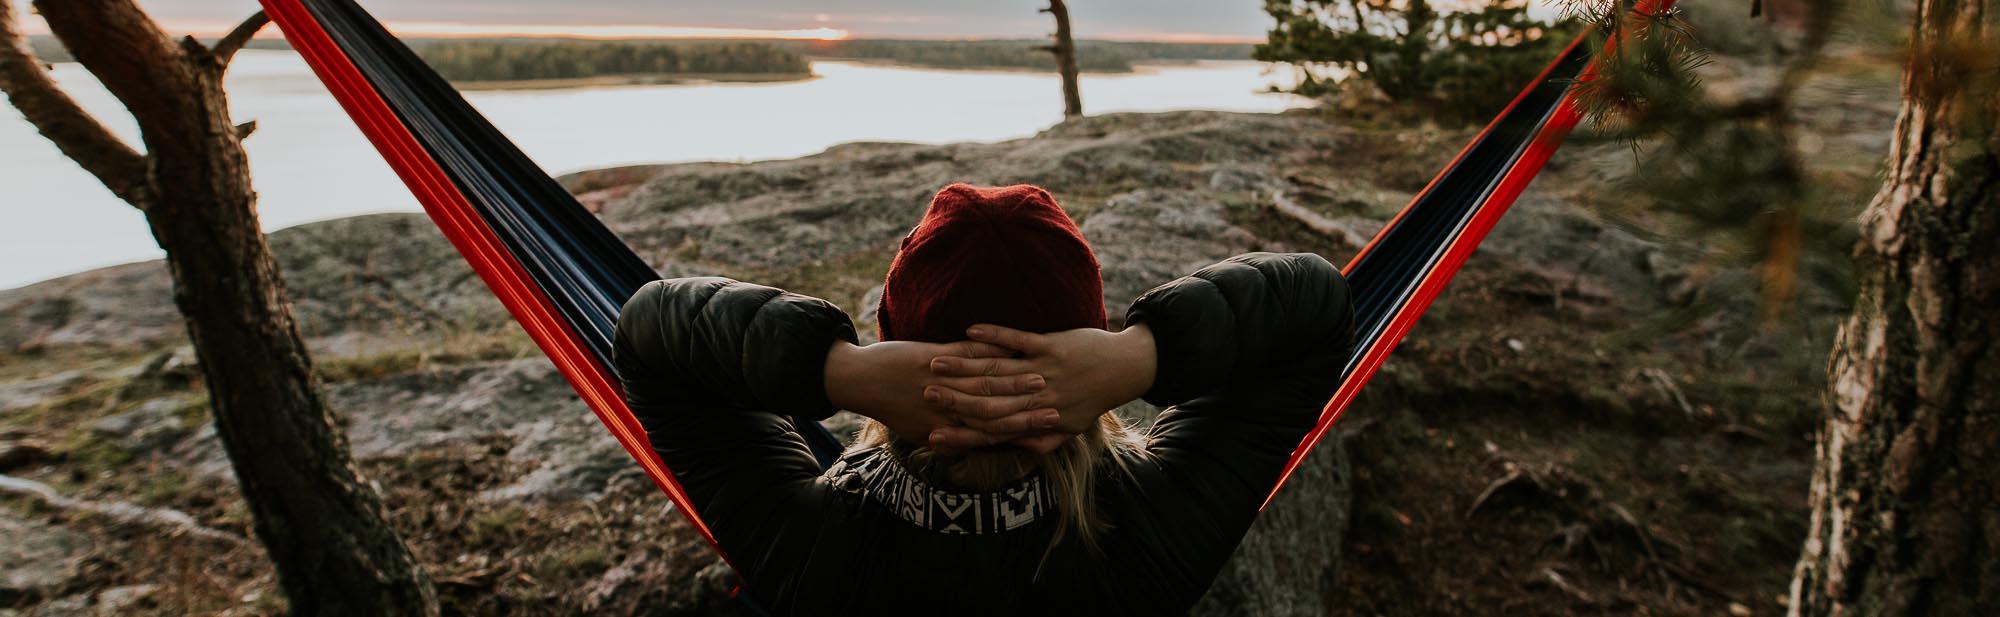 En person ligger avslappnad i en hängmatta på en stenig strand vid havet och tittar mot havet.